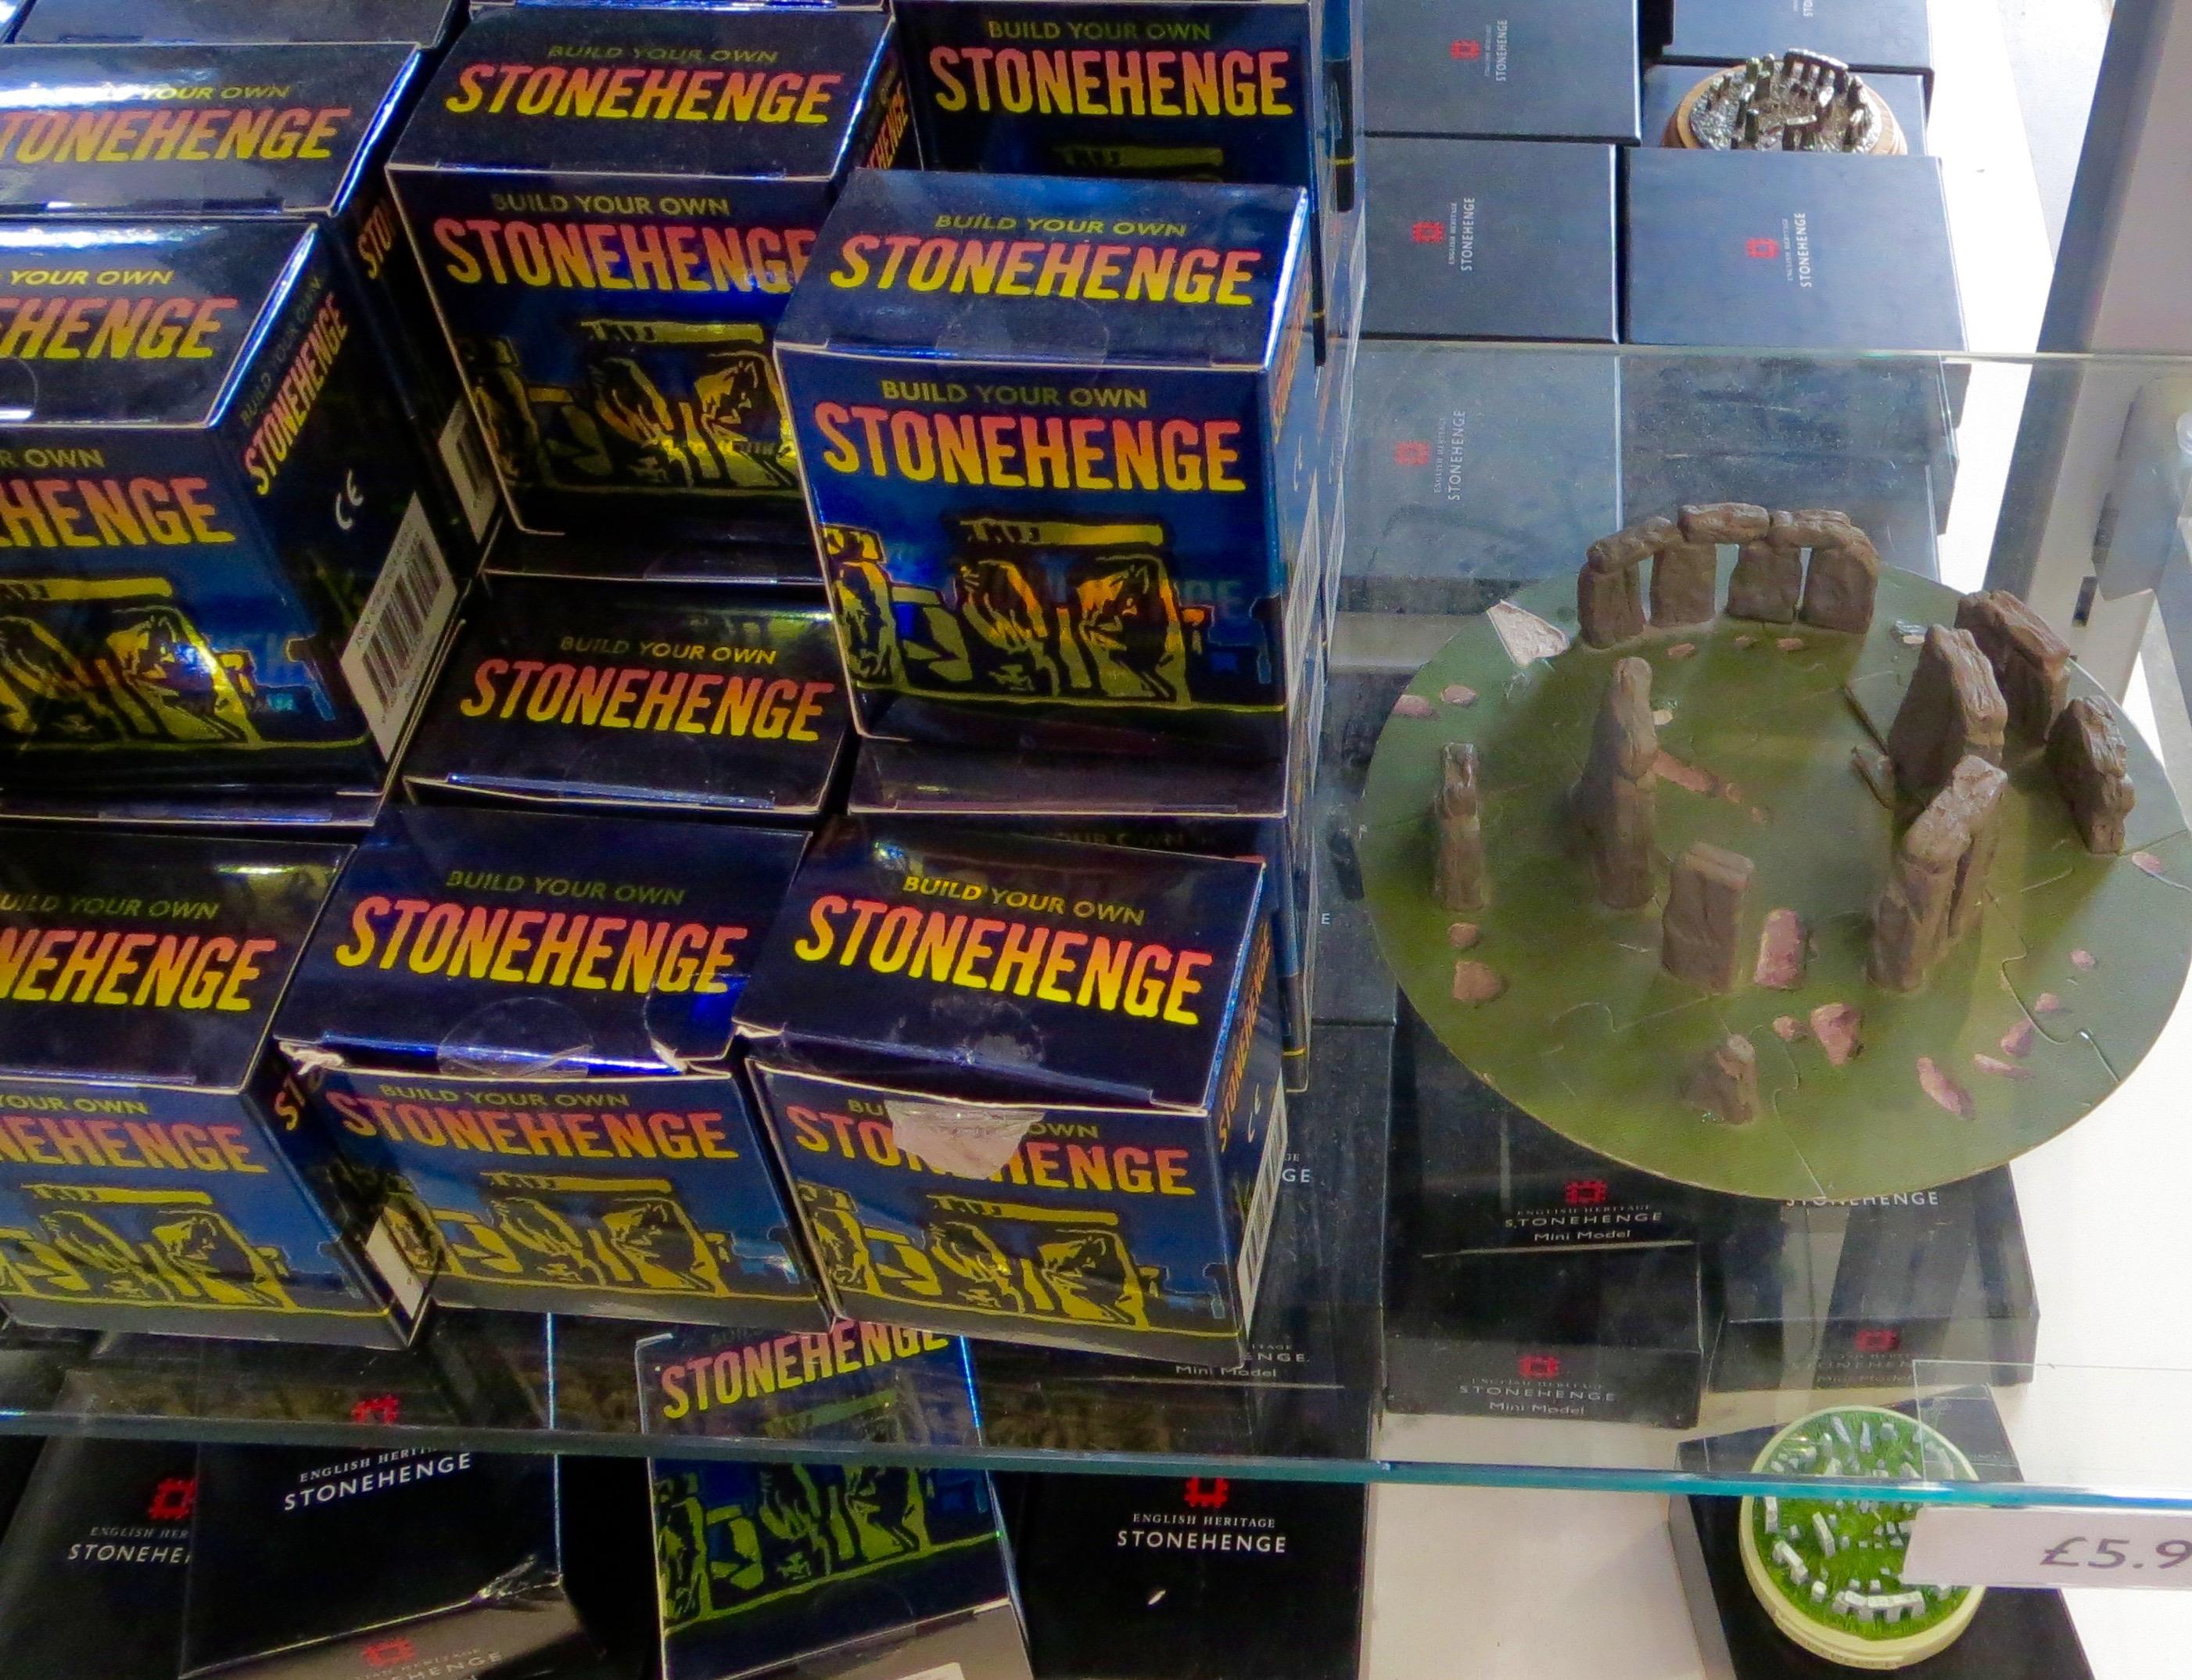 shelves full of Stonehenge replica: Clonehenge dream or Clonehenge nightmare??